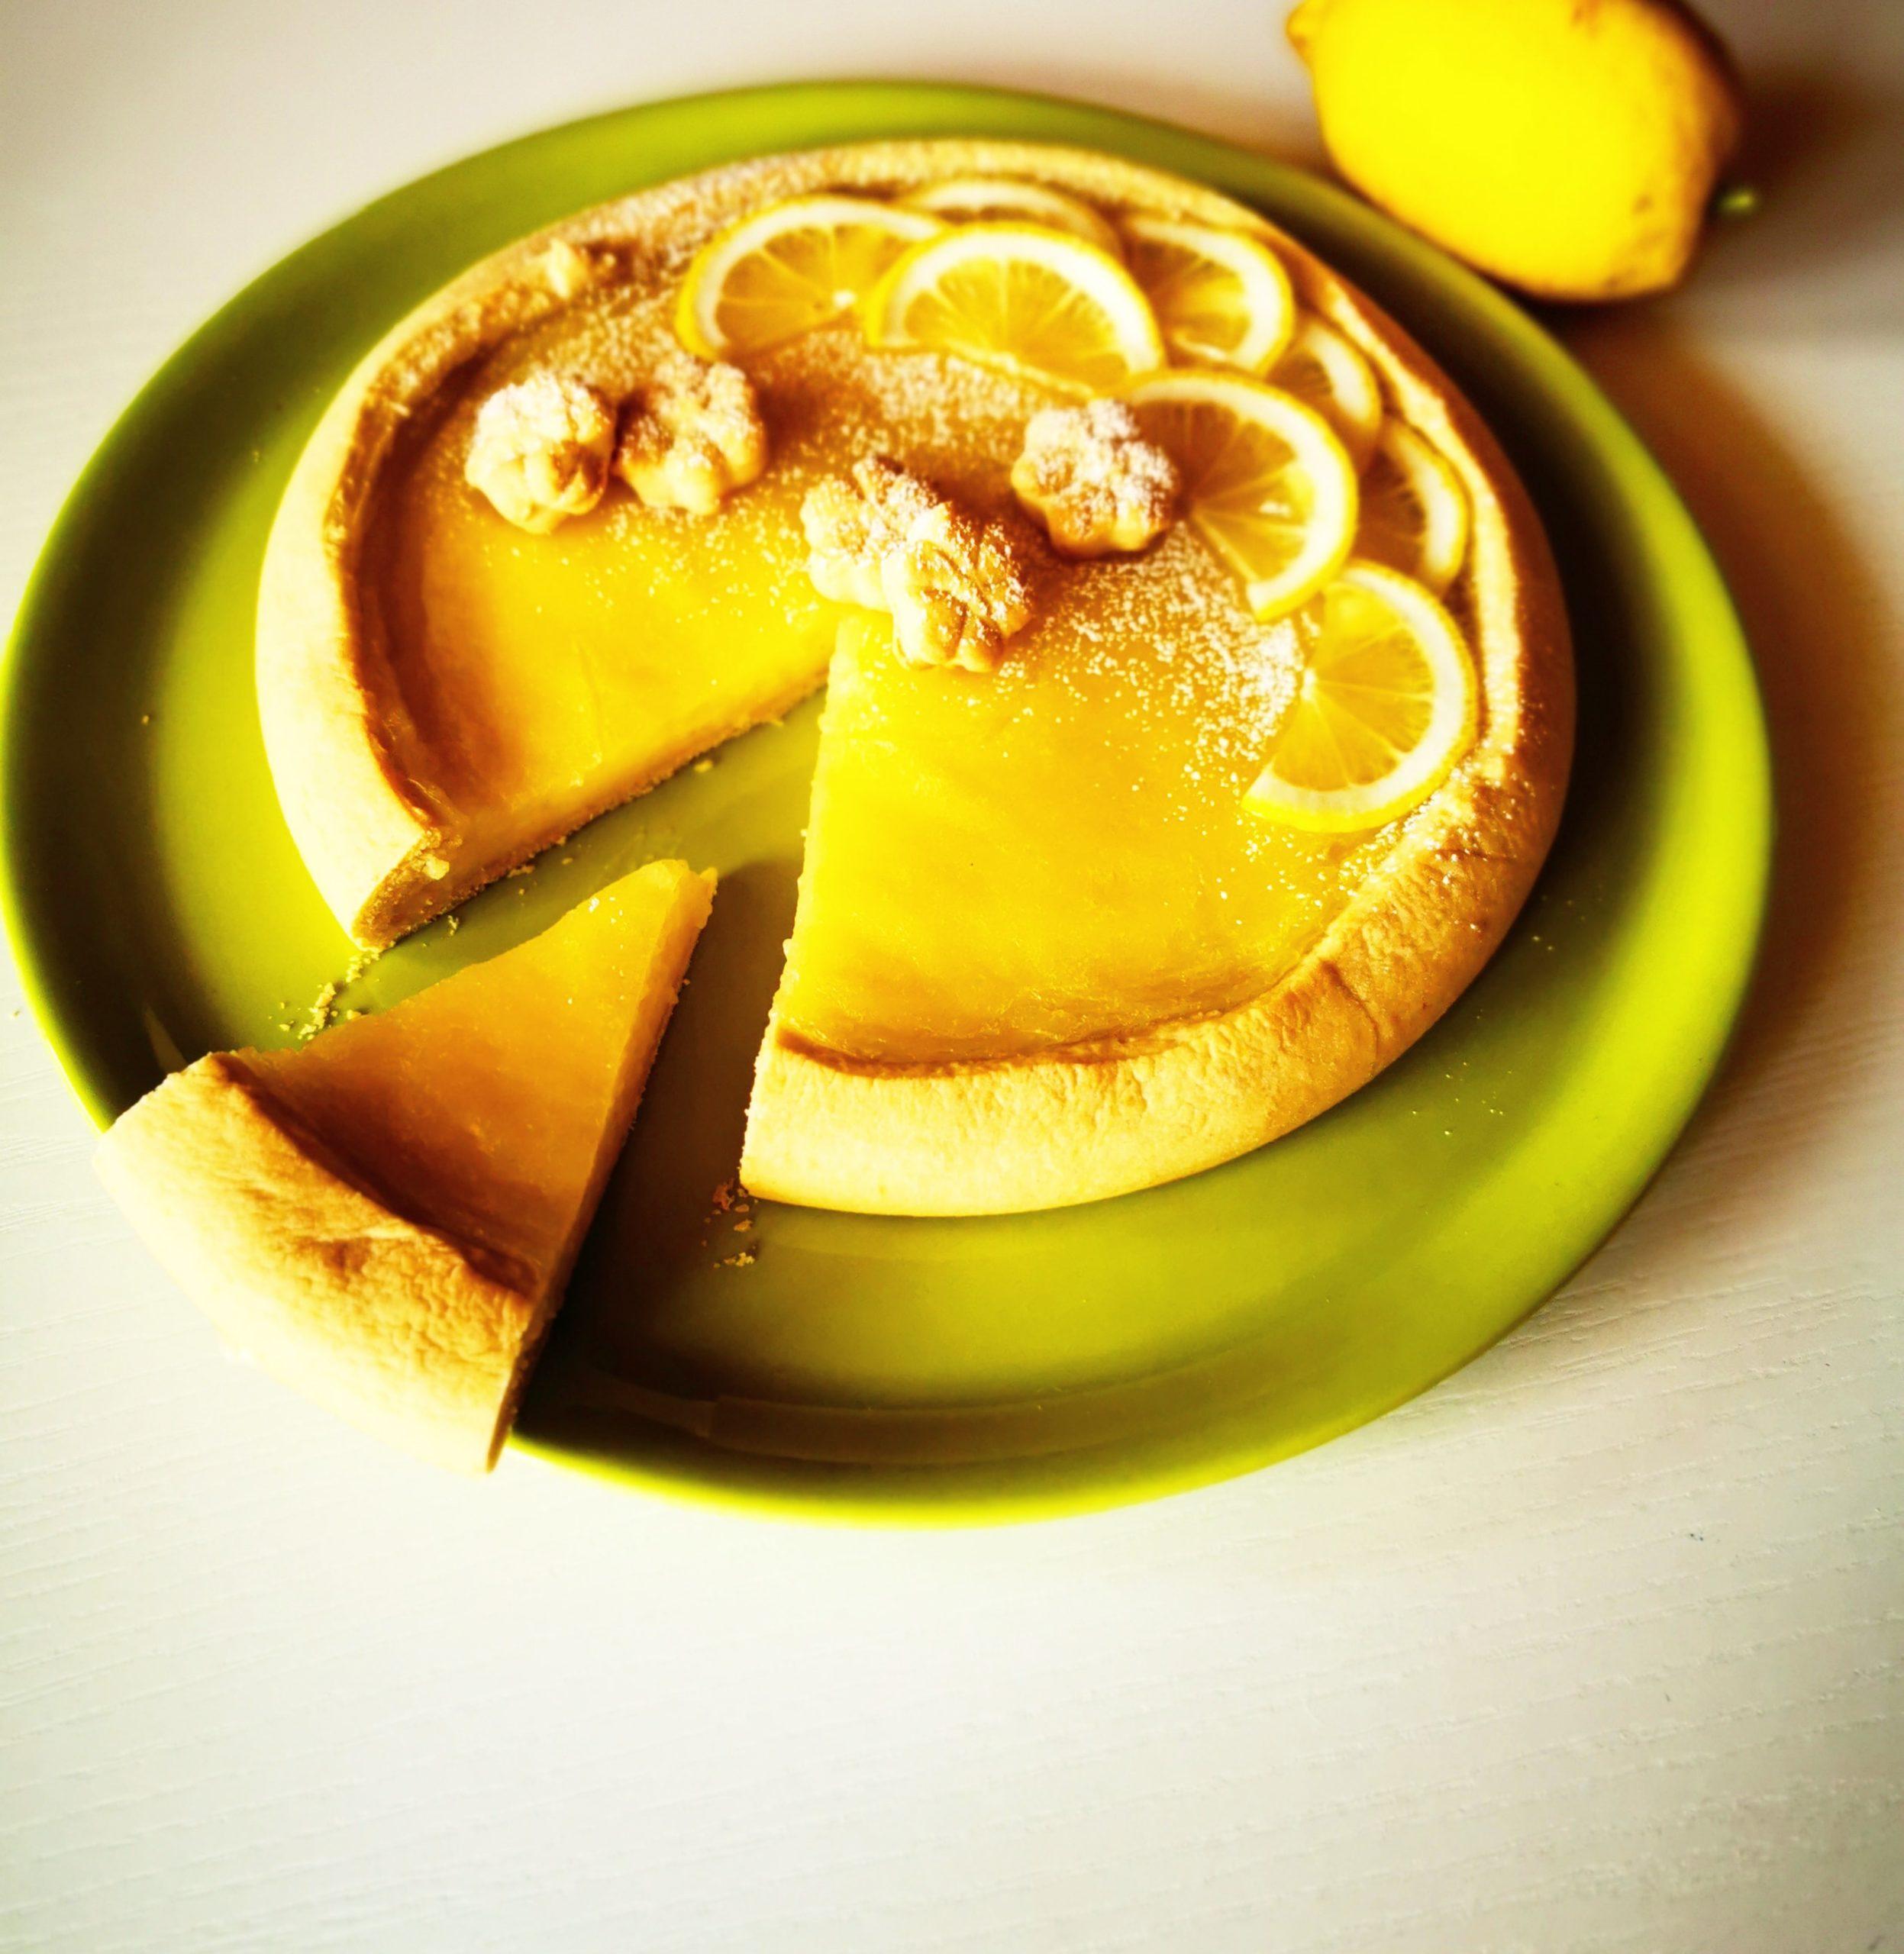 LaTuaCucina: ecco la crostata con crema al limone di Alessandro